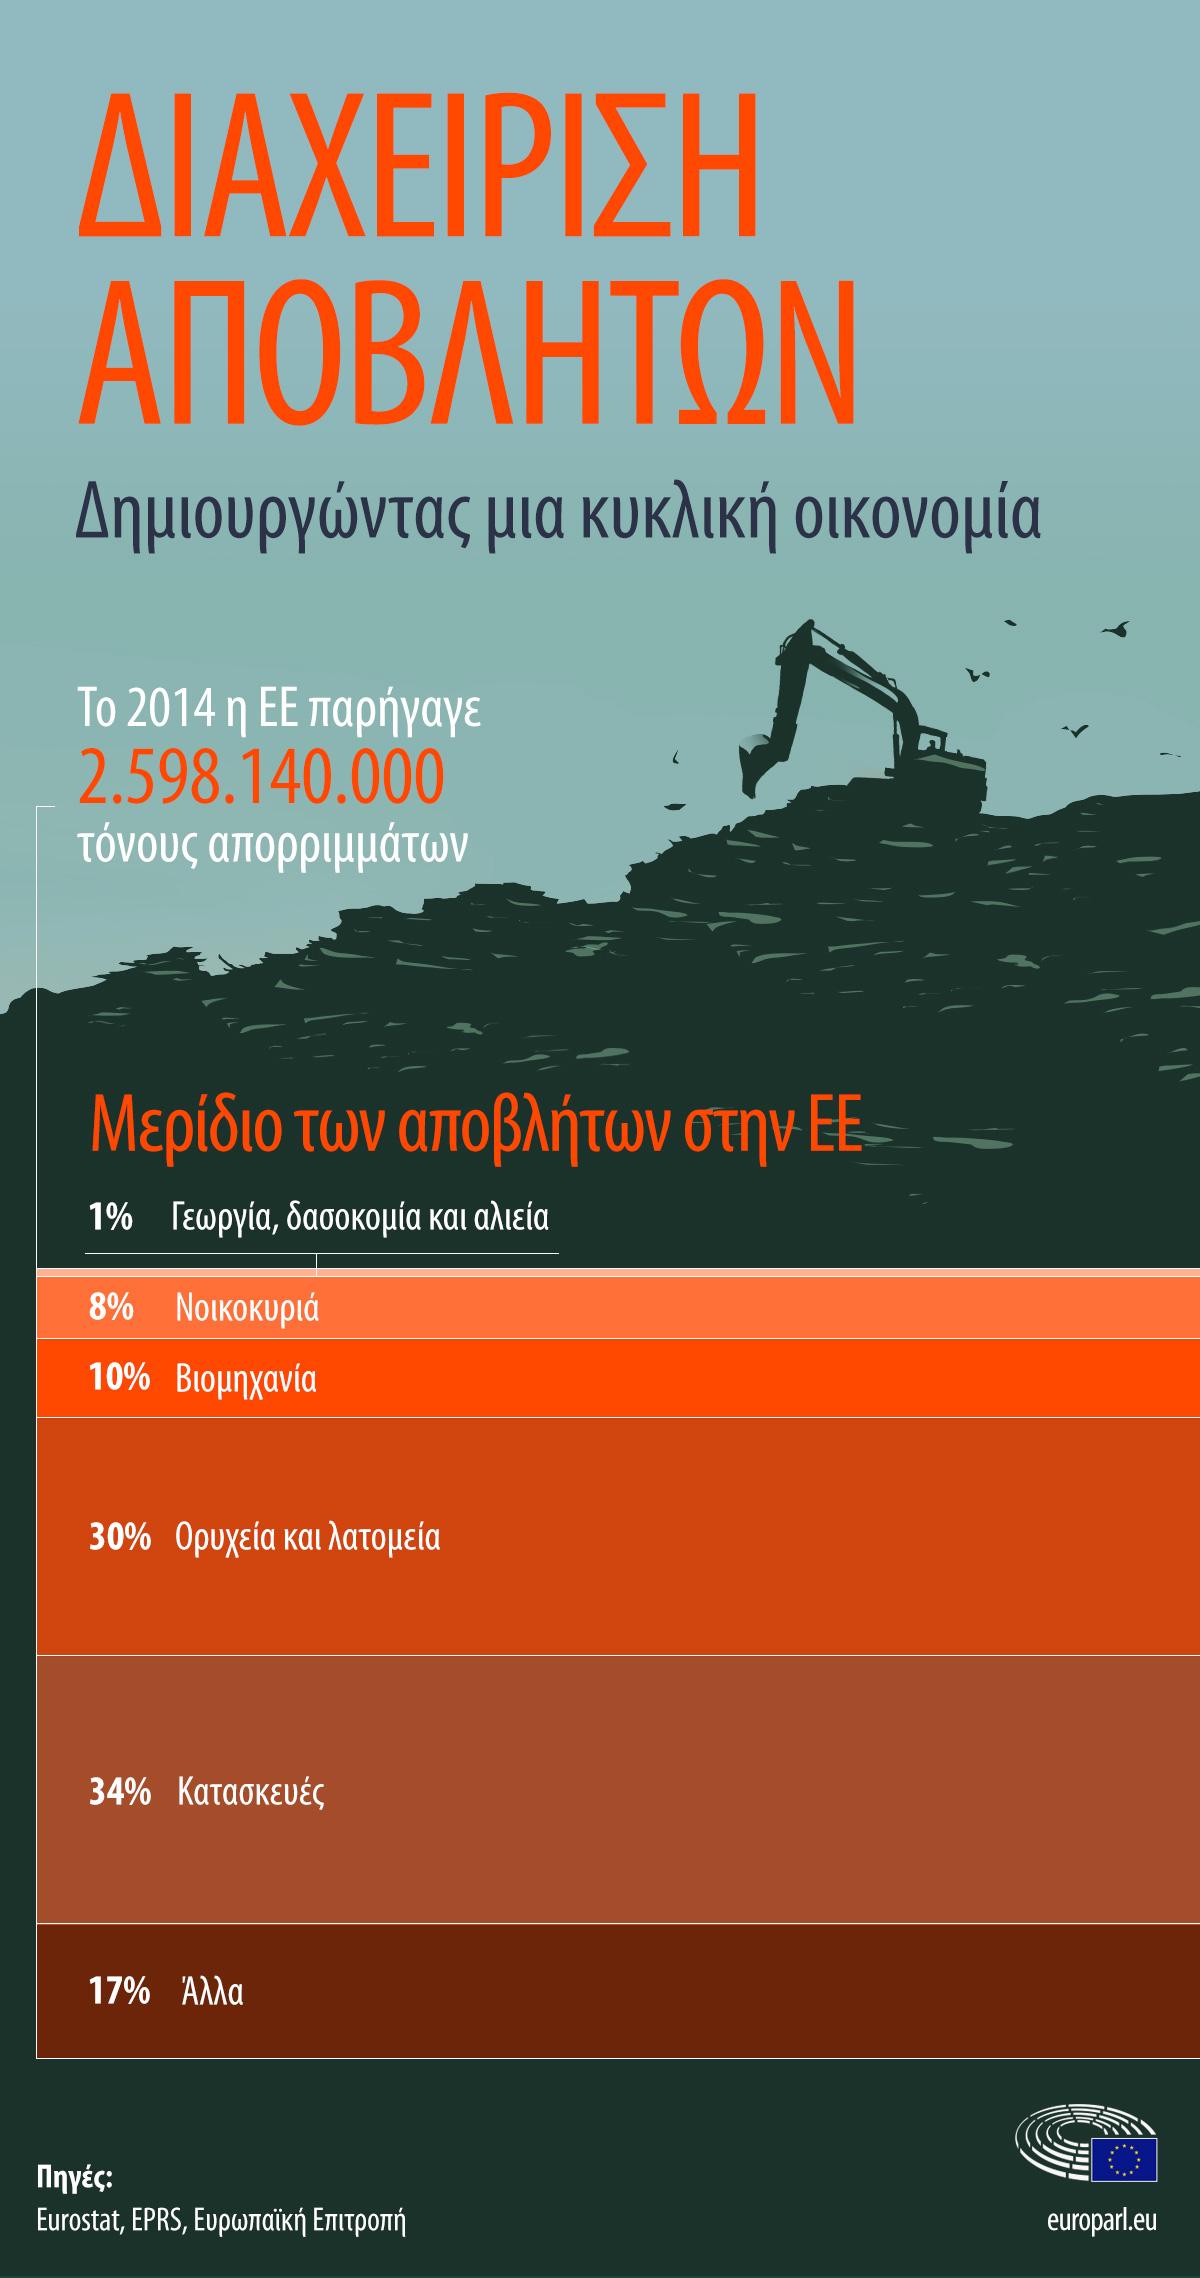 1edad1d9e38 Η διαχείριση των αποβλήτων στις χώρες της ΕΕ (γράφημα ...